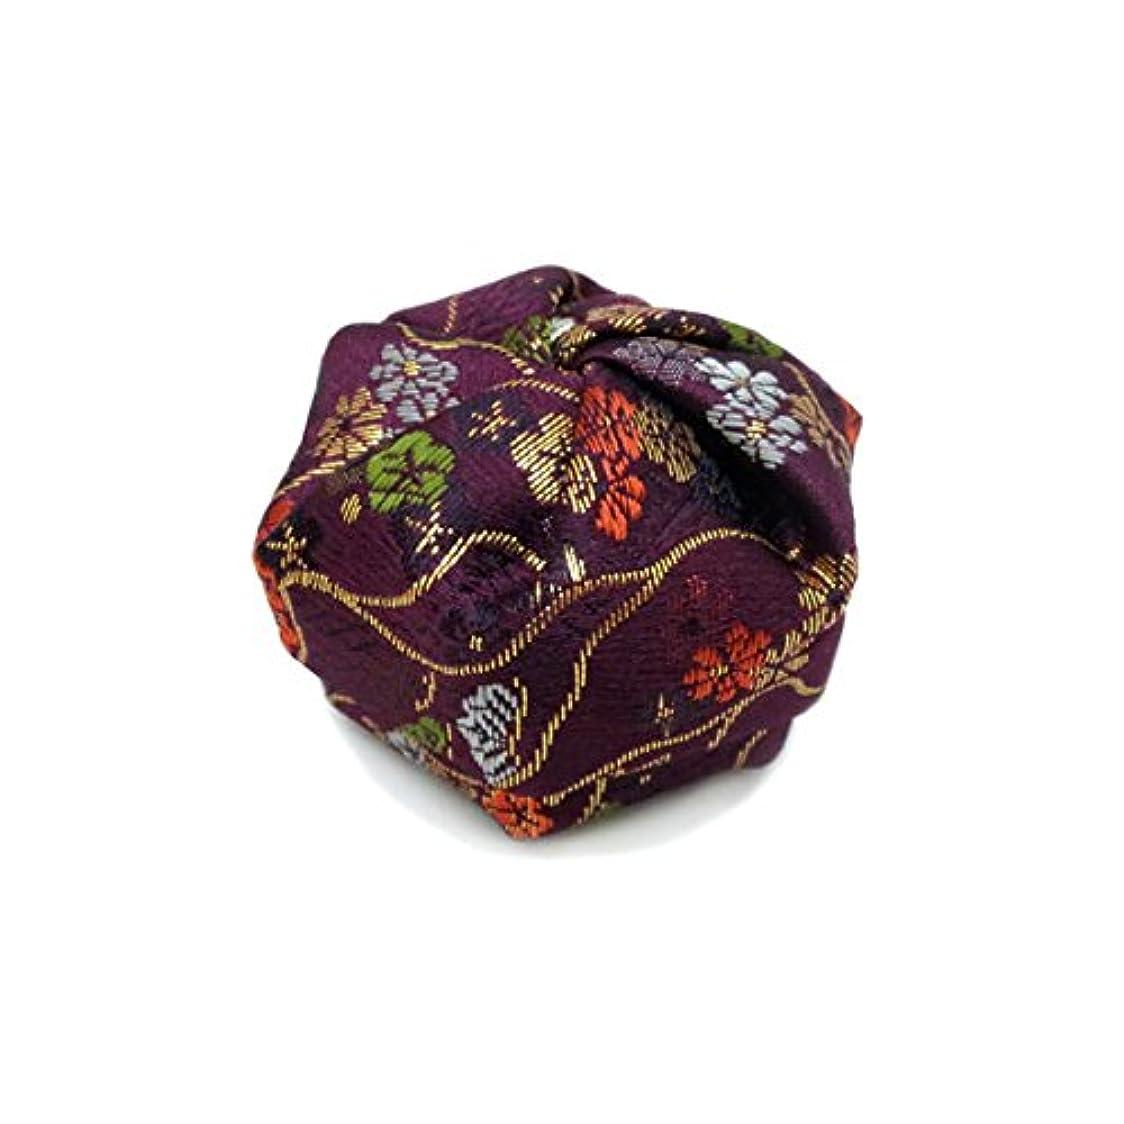 布香盒 紫系 紙箱入